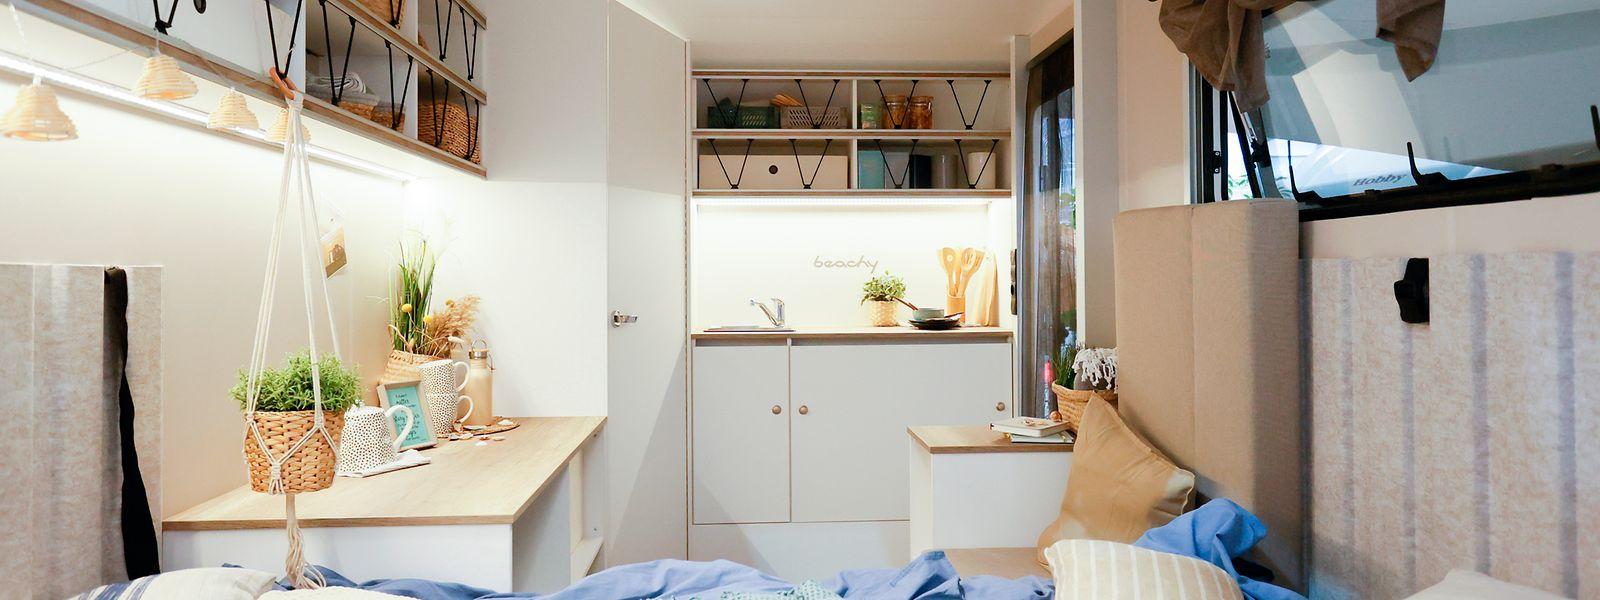 Sonne, Strand und Meer: dieses Urlaubsgefühl ist die Idee für den Wohnwagen Beachy – die neue Submarke von Hobby.